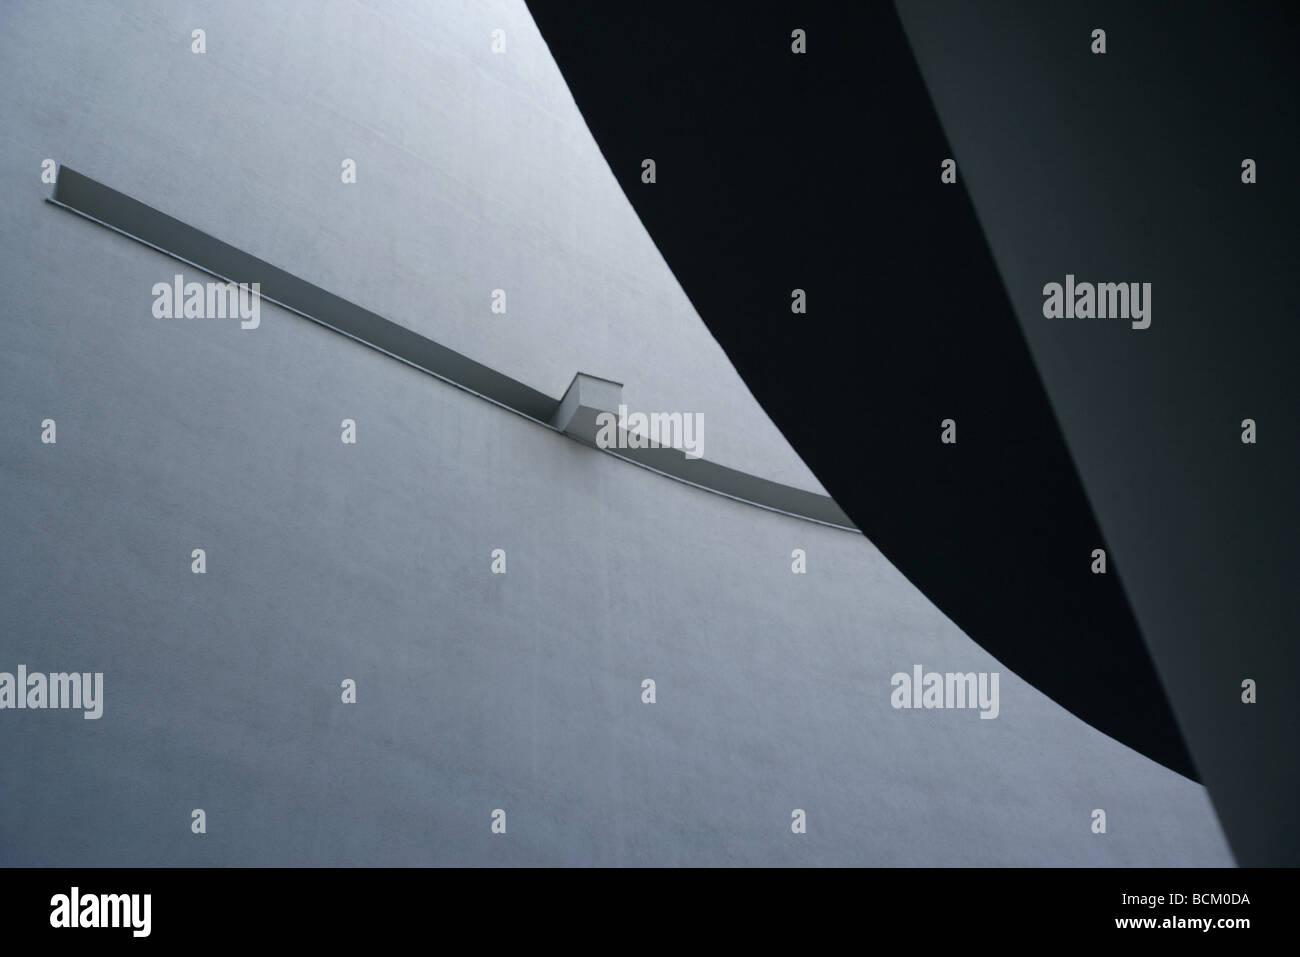 Interieur Architektur erschossen, niedrigen Winkel Ansicht der Betonwand Stockbild